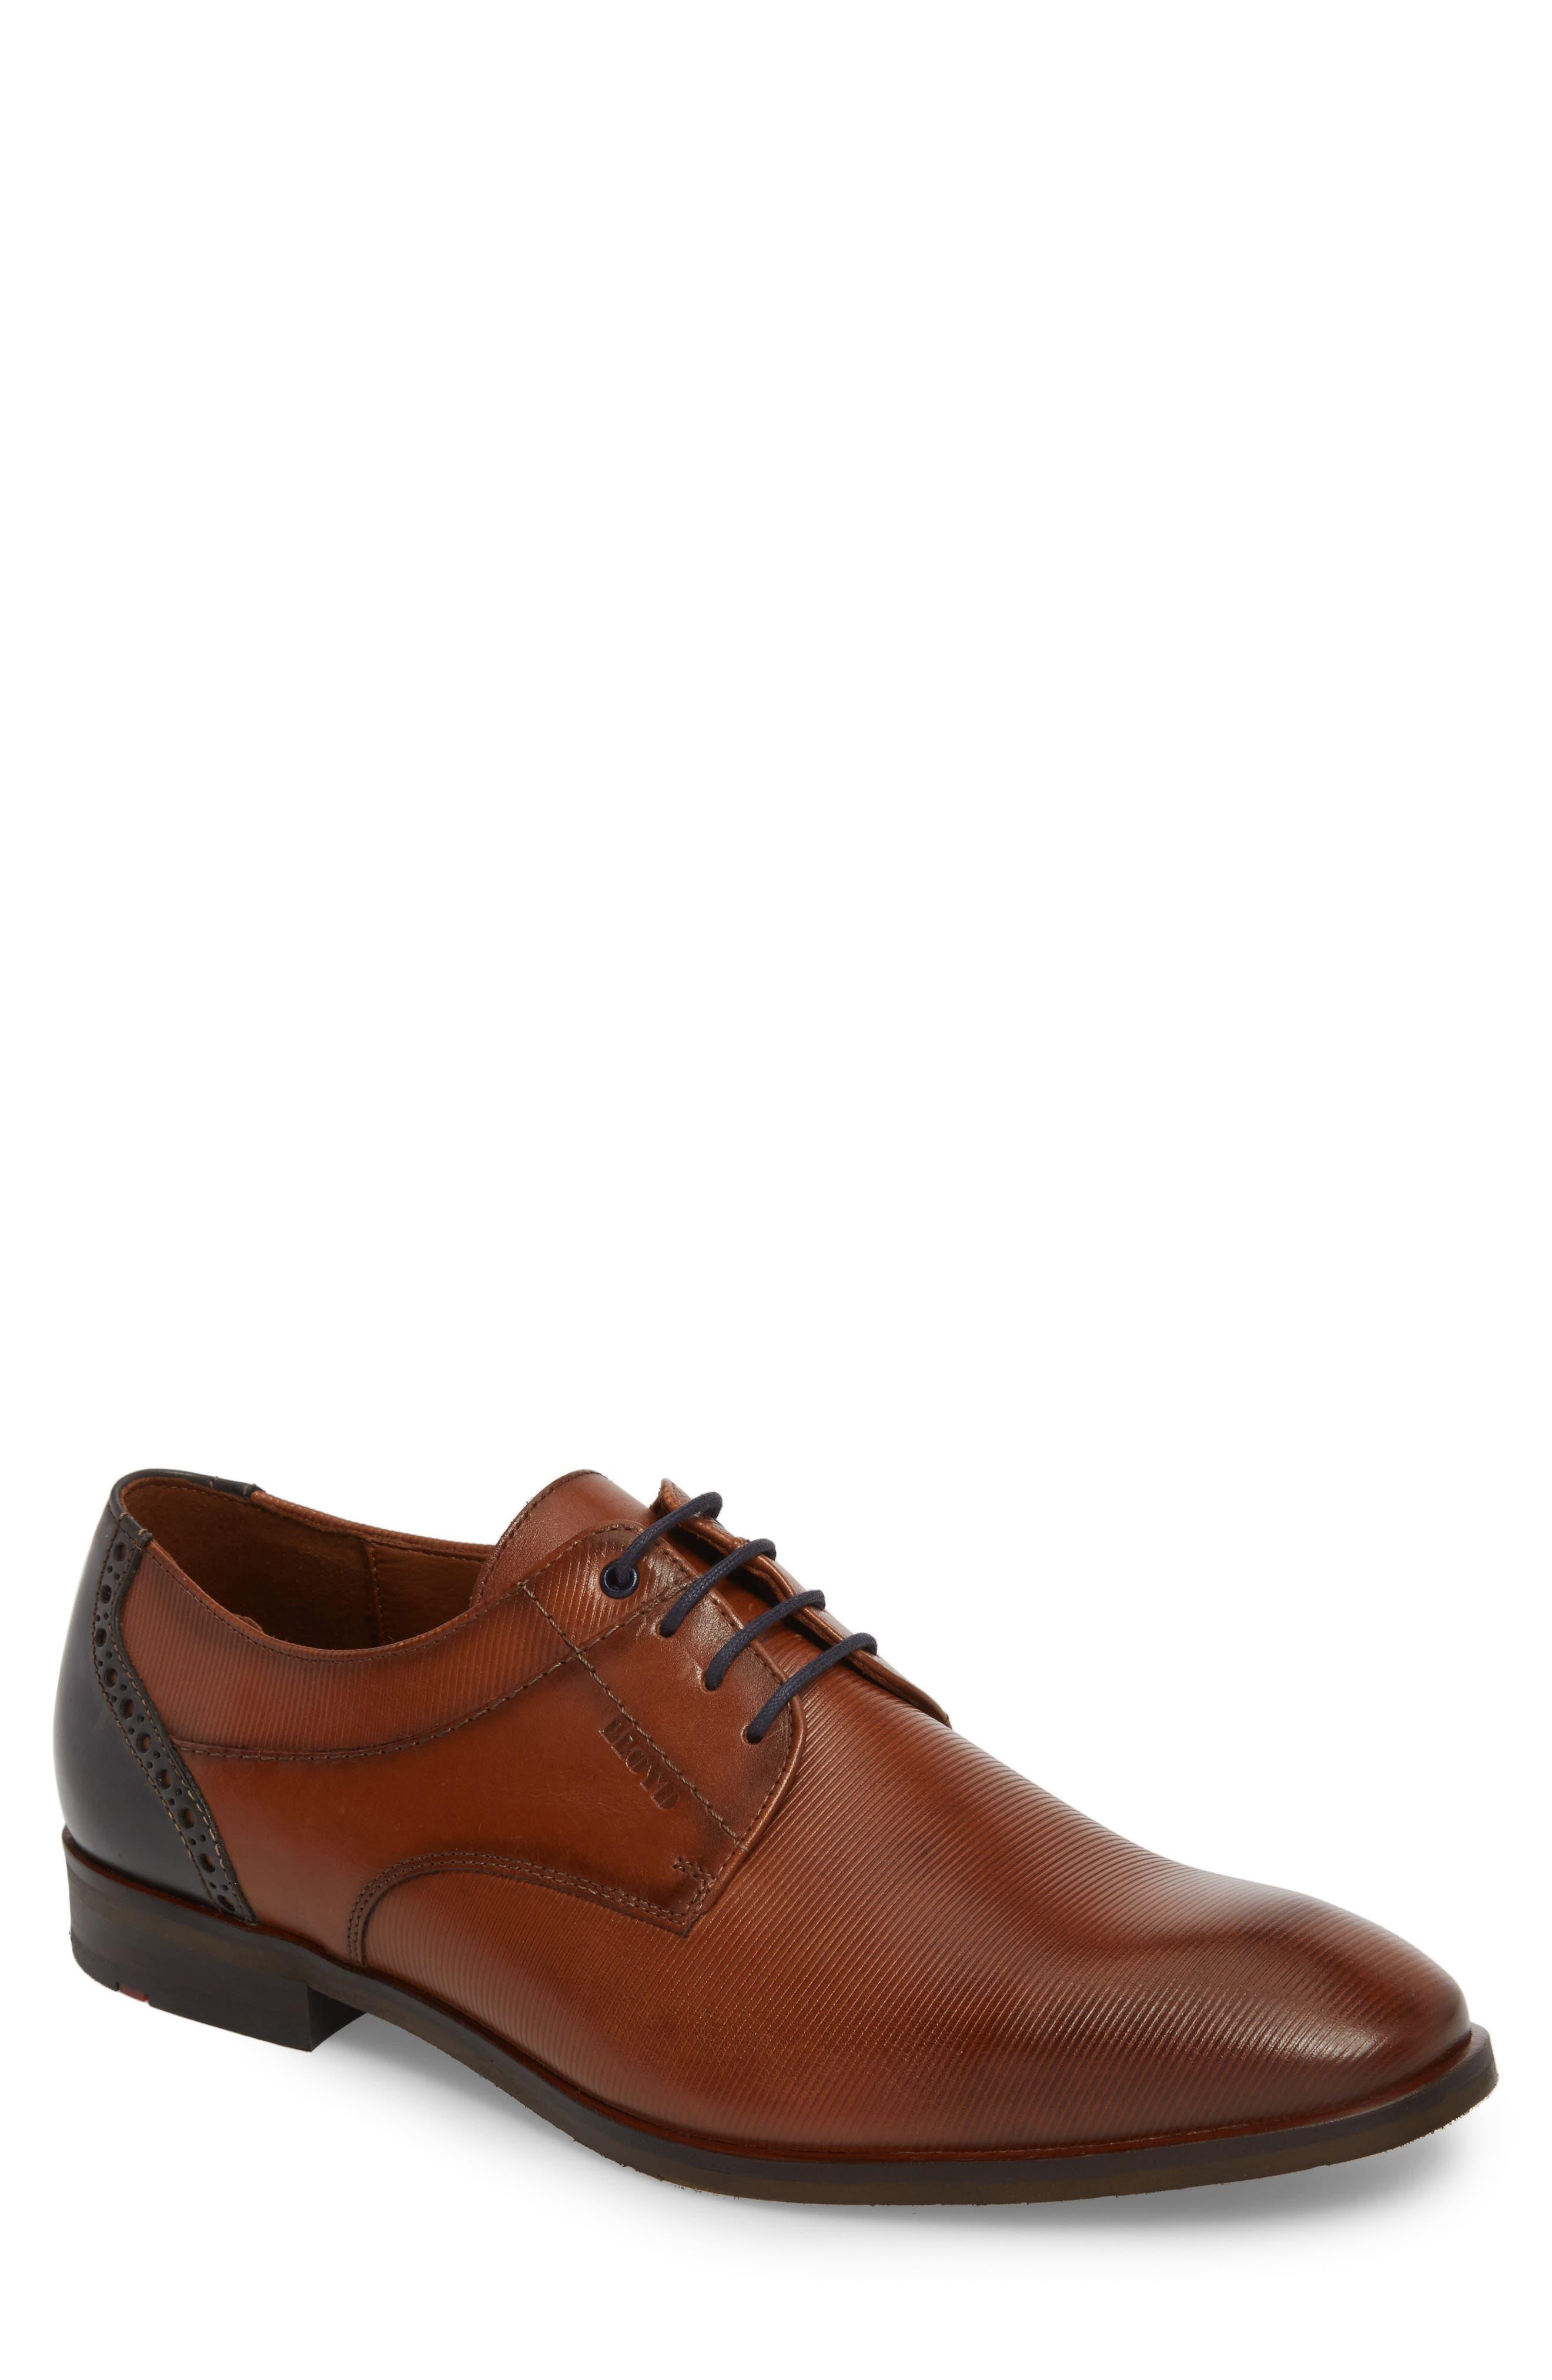 Hamilton Plain Toe Derby,                             Main thumbnail 1, color,                             Cognac Leather